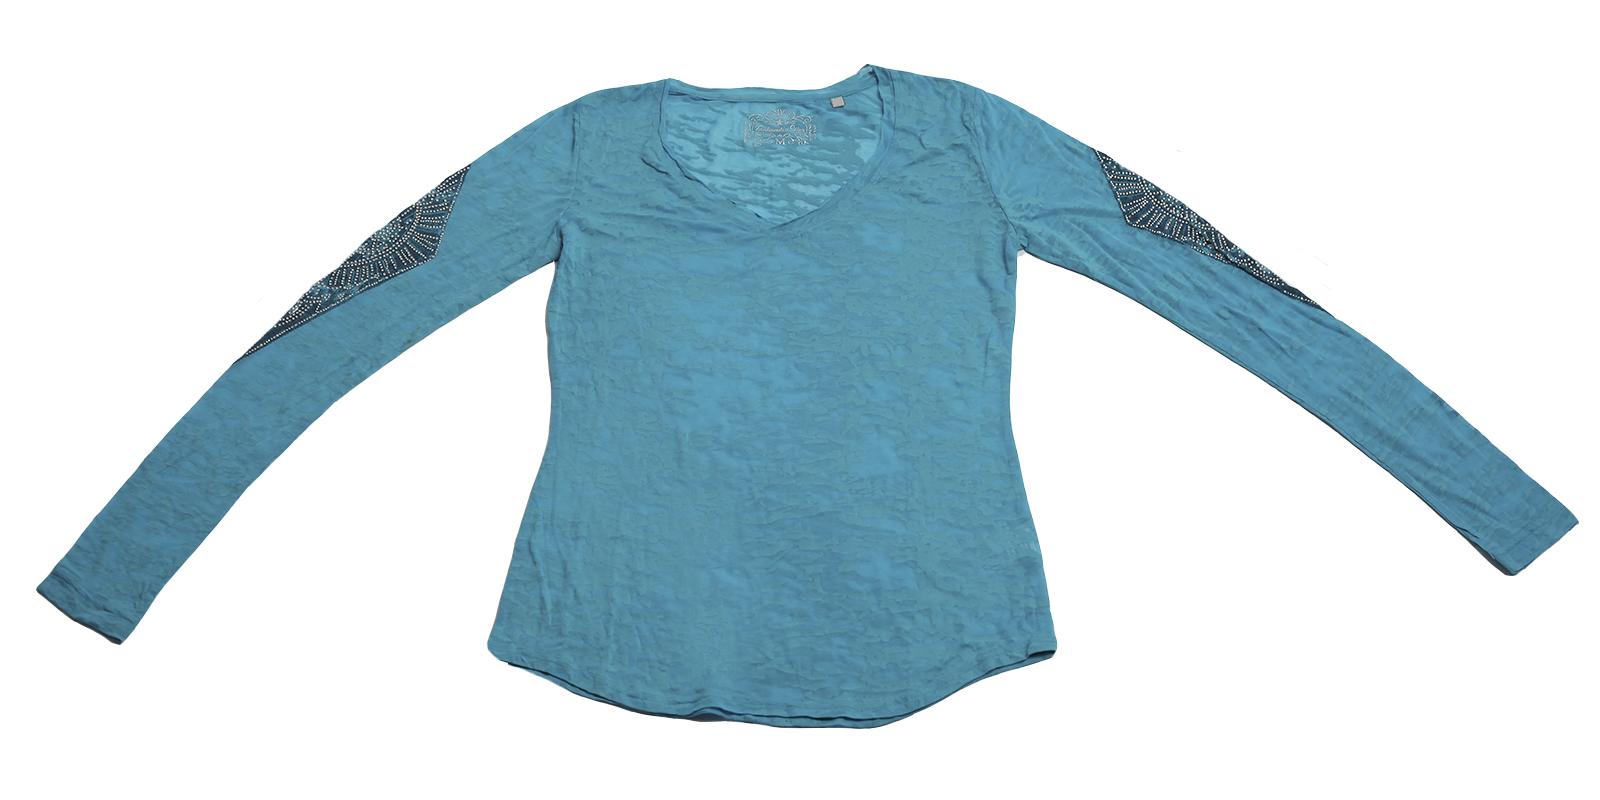 Голубая кофточка на каждый день от Panhandle Slim. Создай свой стильный образ!